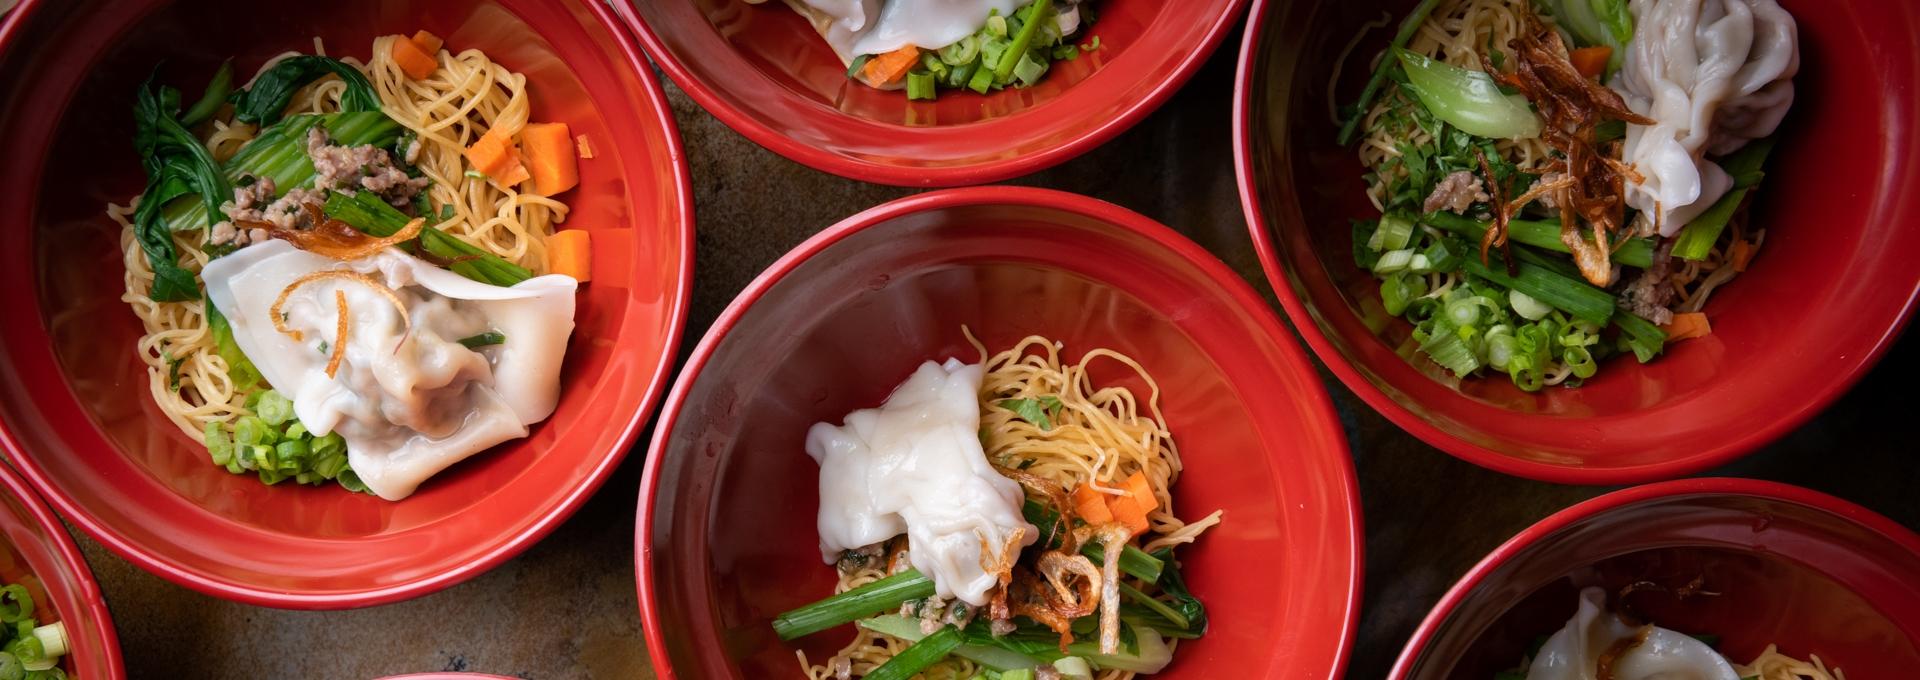 Post-Docs & Grad Student Spouse/Partners Meal Plans